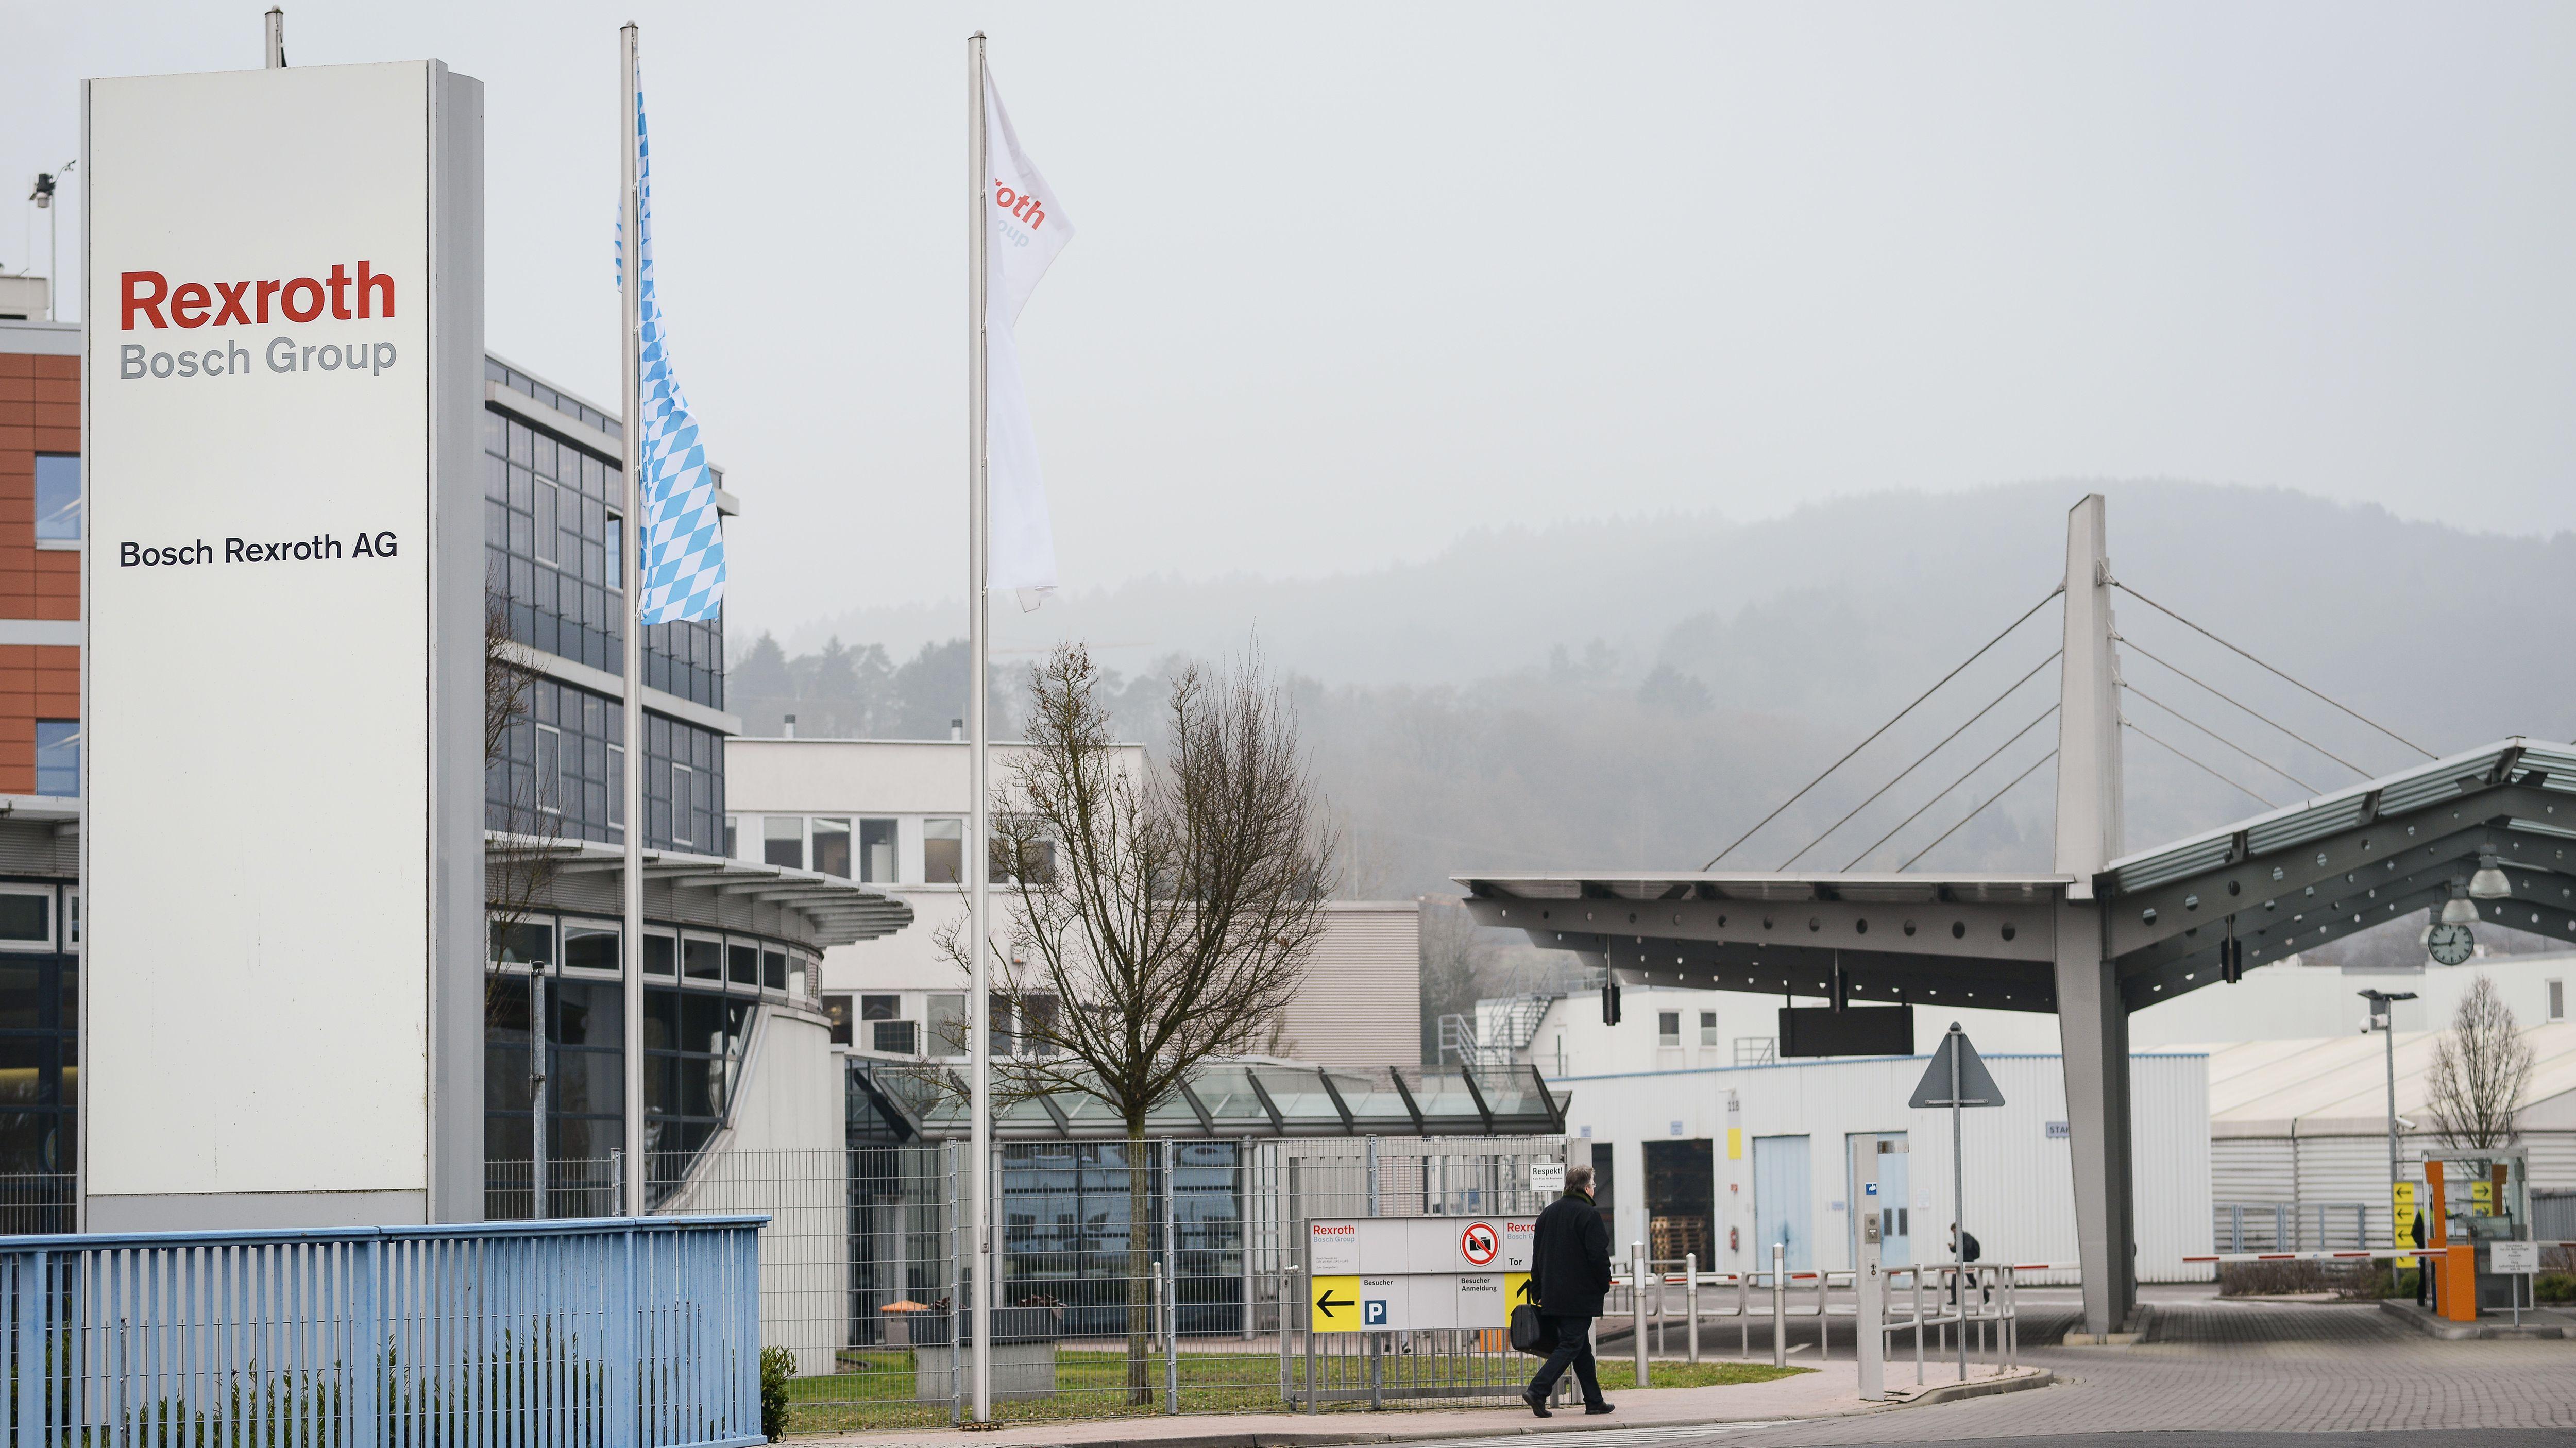 Firmengelände von Bosch Rexroth in Lohr am Main